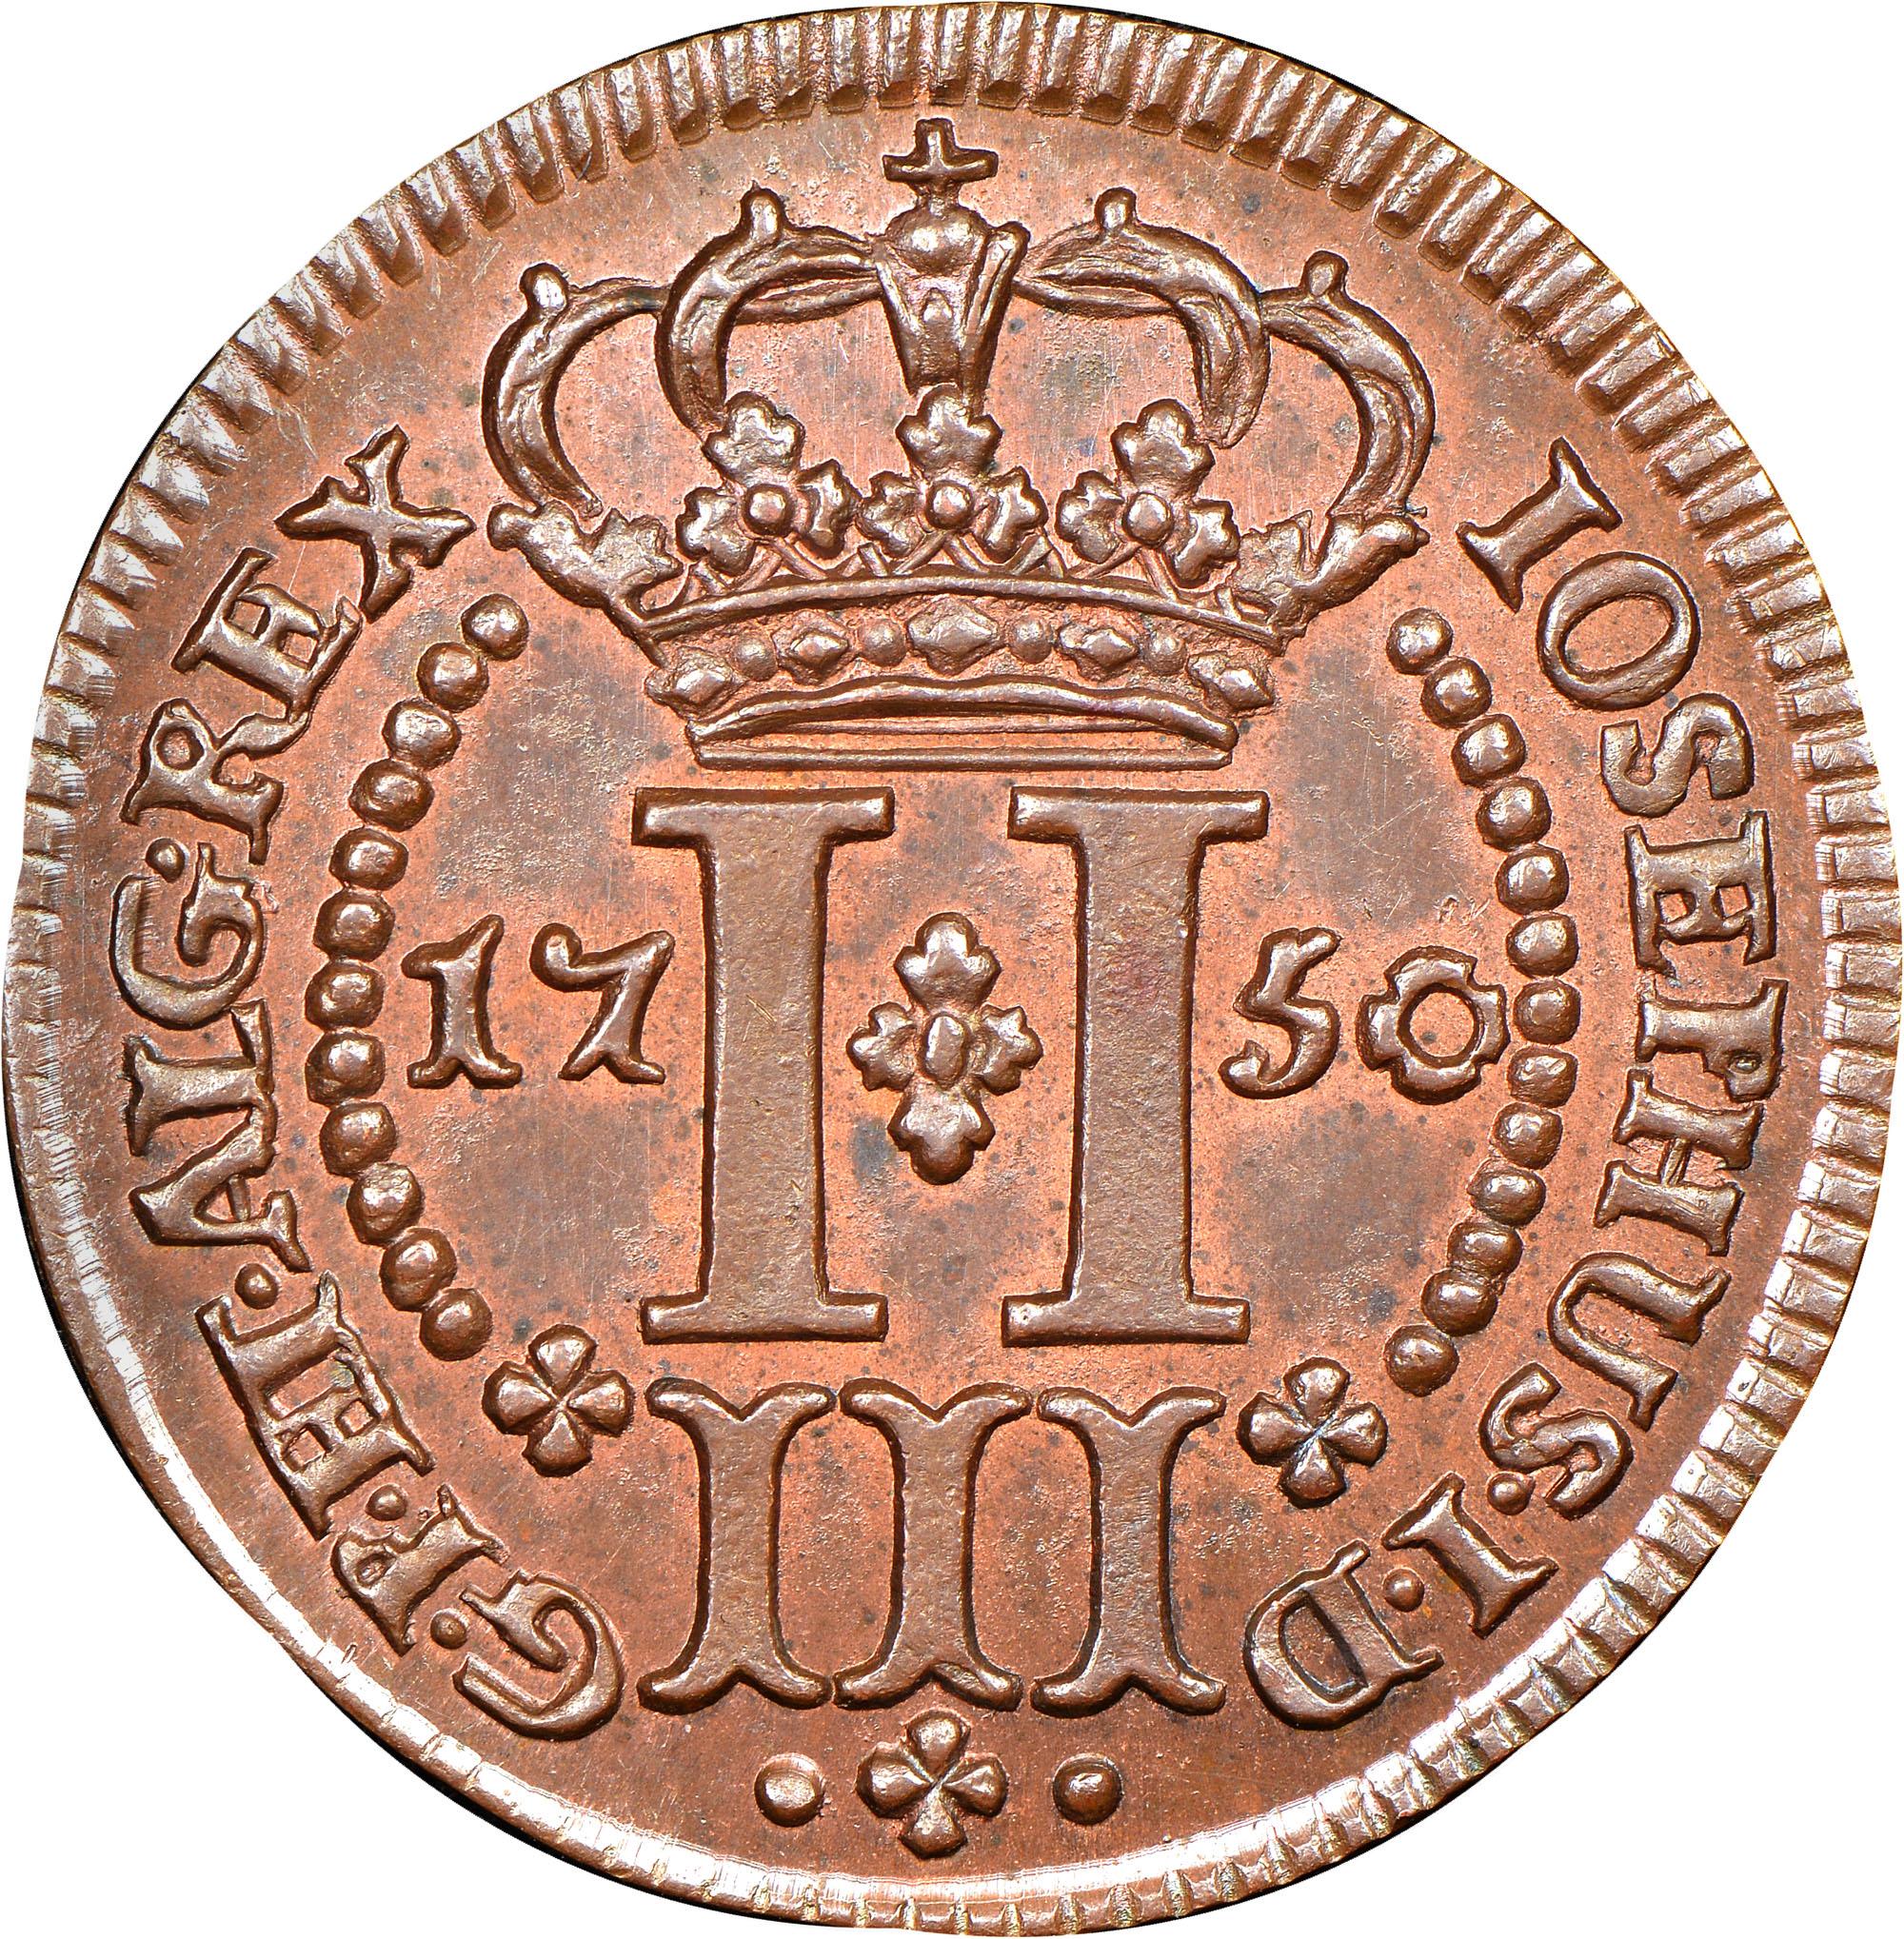 Azores 3 Reis reverse